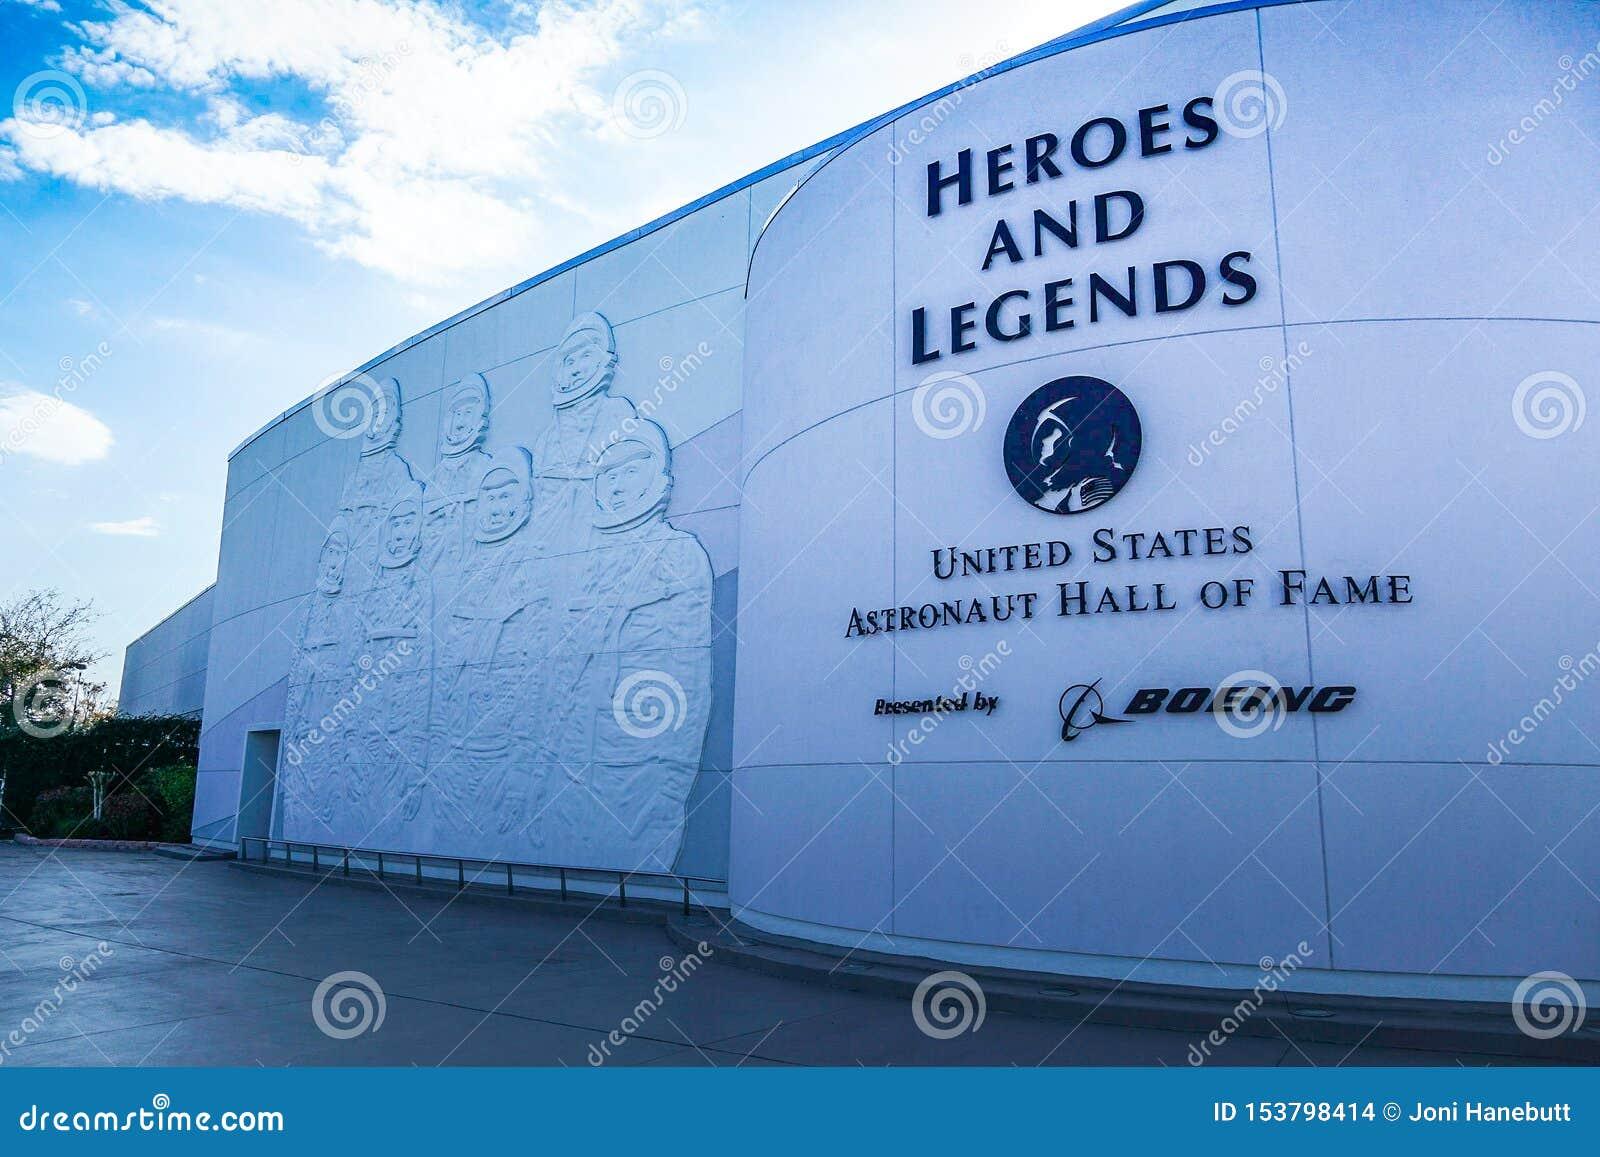 Hereos en legenden die, de Astronautenhall of fame van Verenigde Staten bouwen